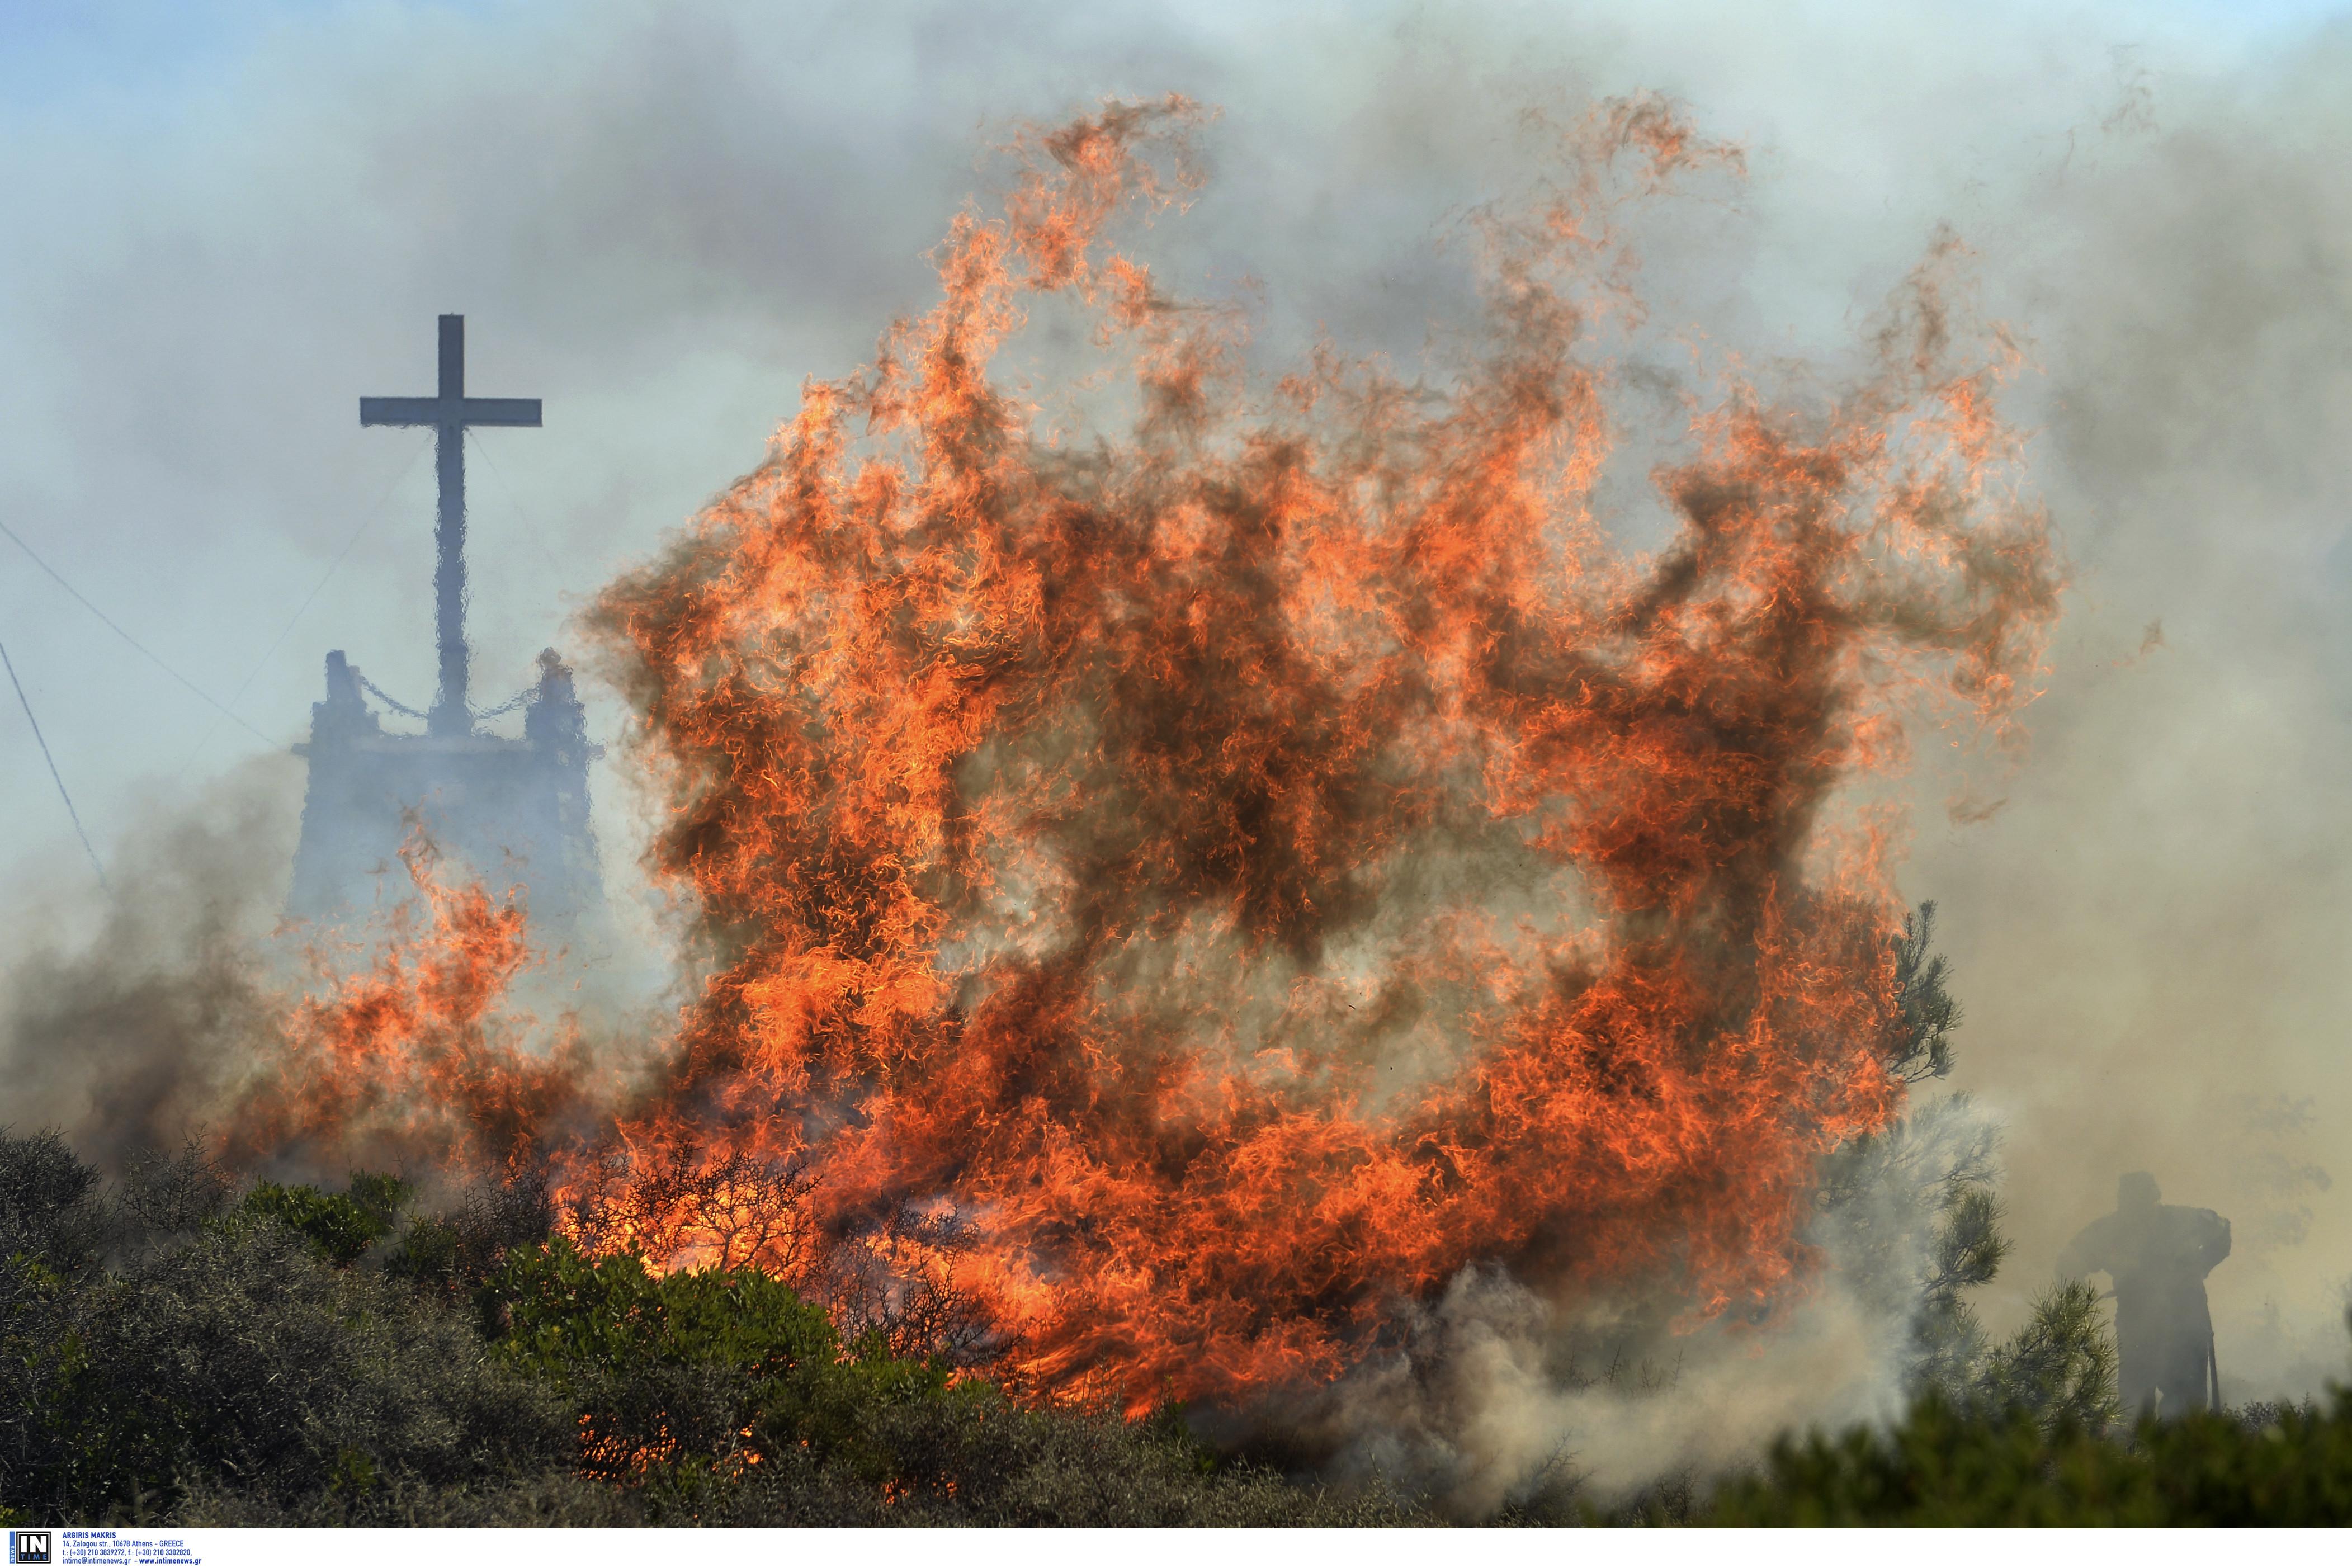 Αργολίδα: Μεγάλη φωτιά απειλεί μοναστήρι – Οι πυροσβέστες δίνουν μάχη με τον χρόνο!